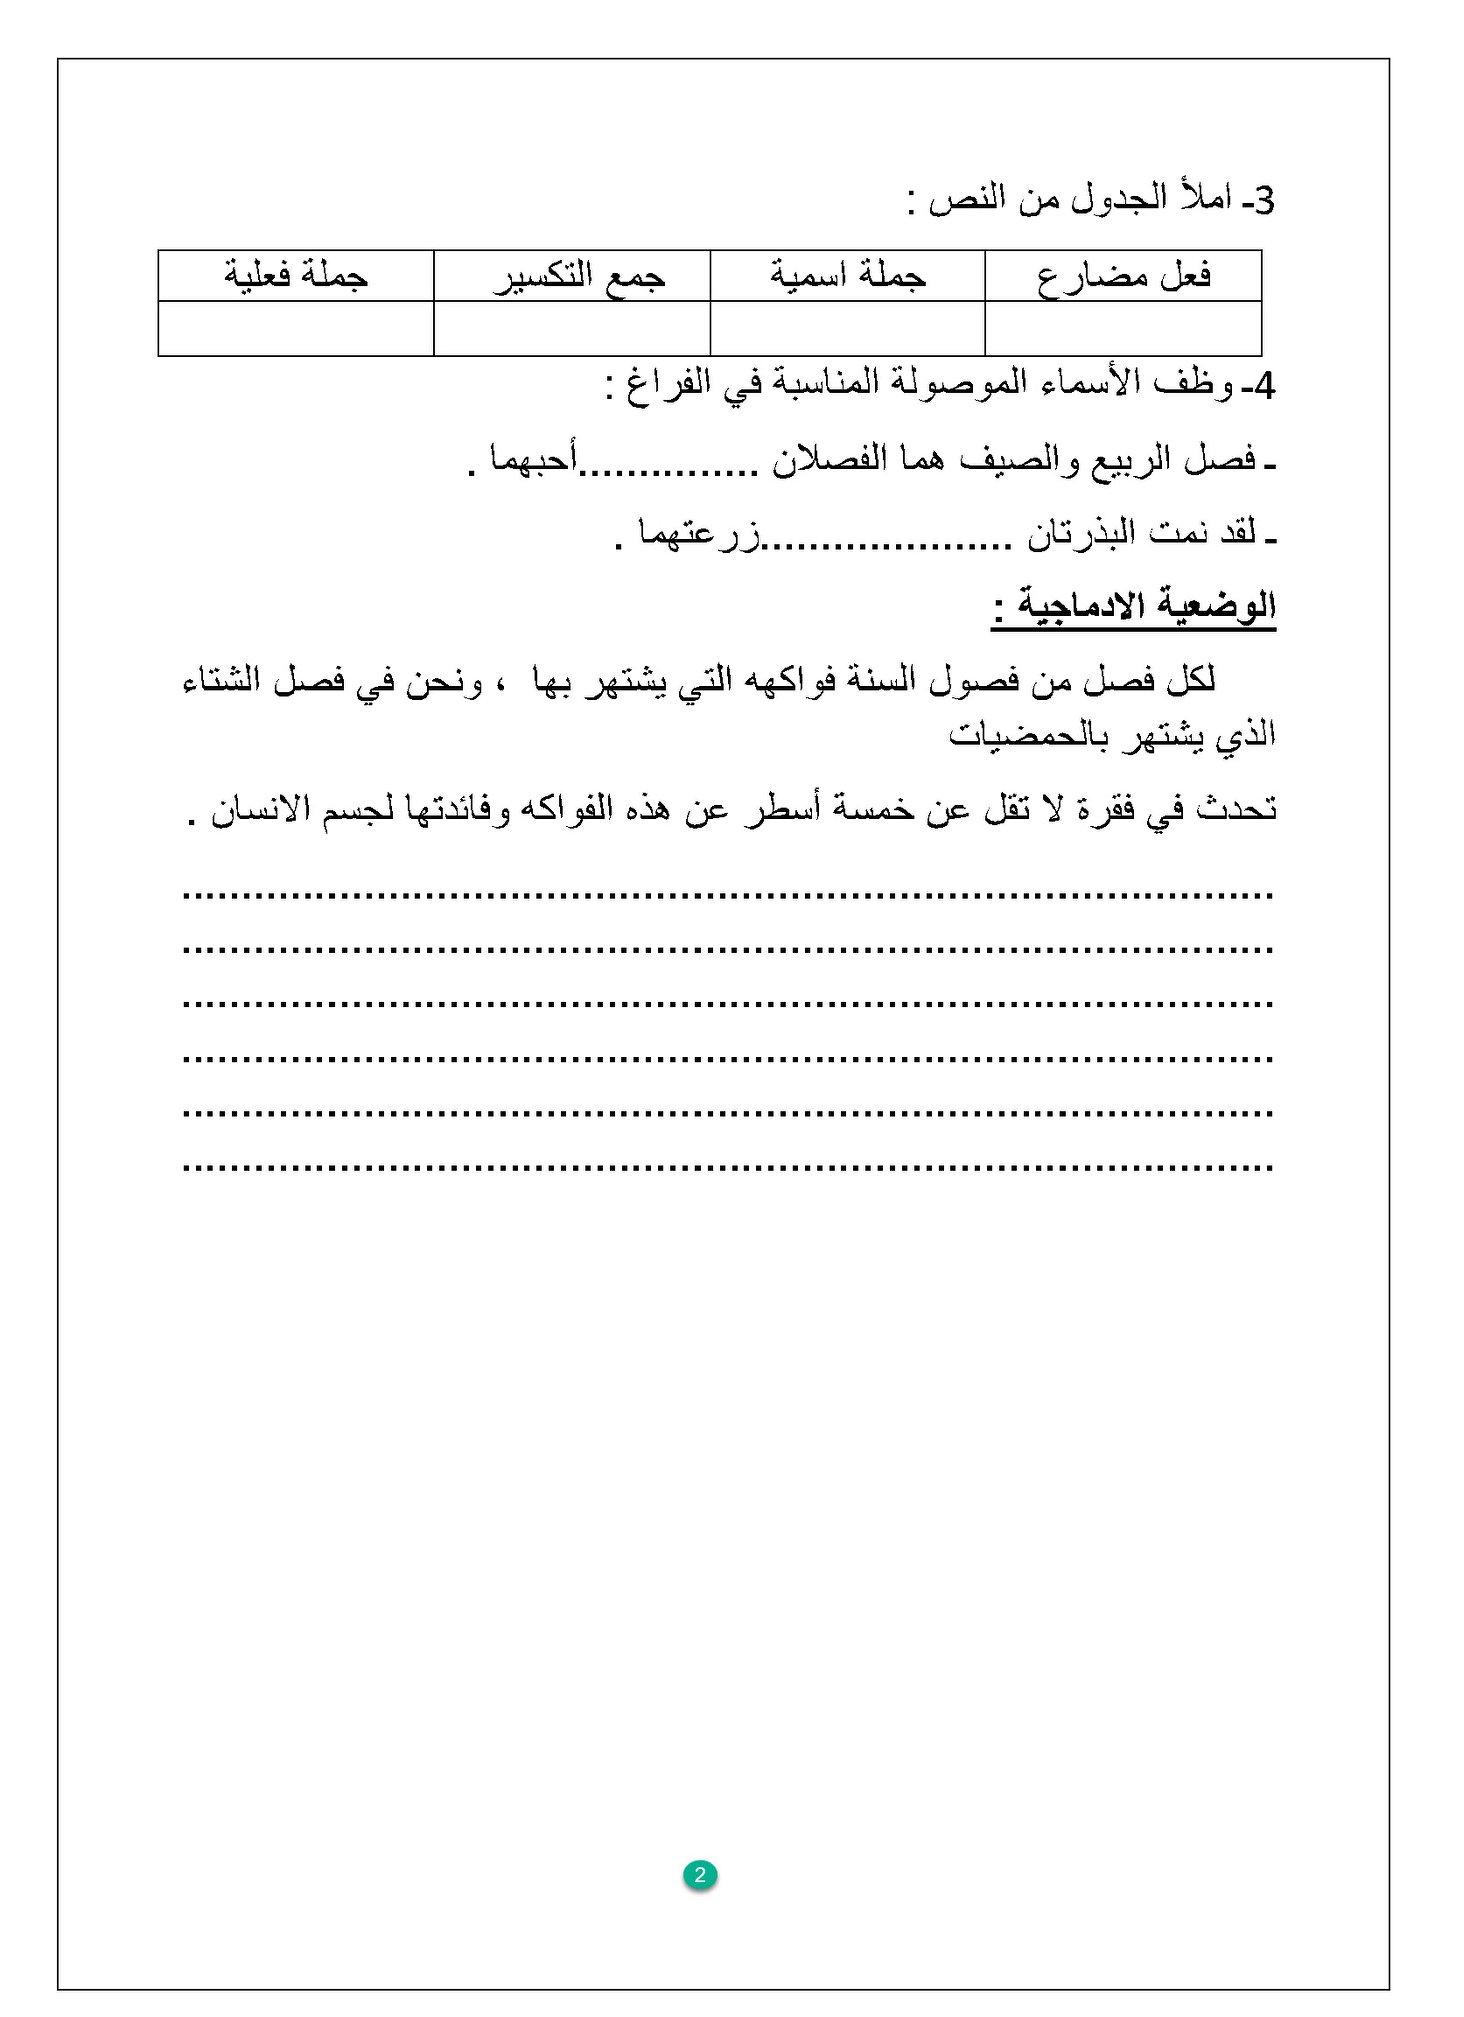 اختبار الفصل الثاني في اللغة العربية السنة الثالثة ابتدائي -1